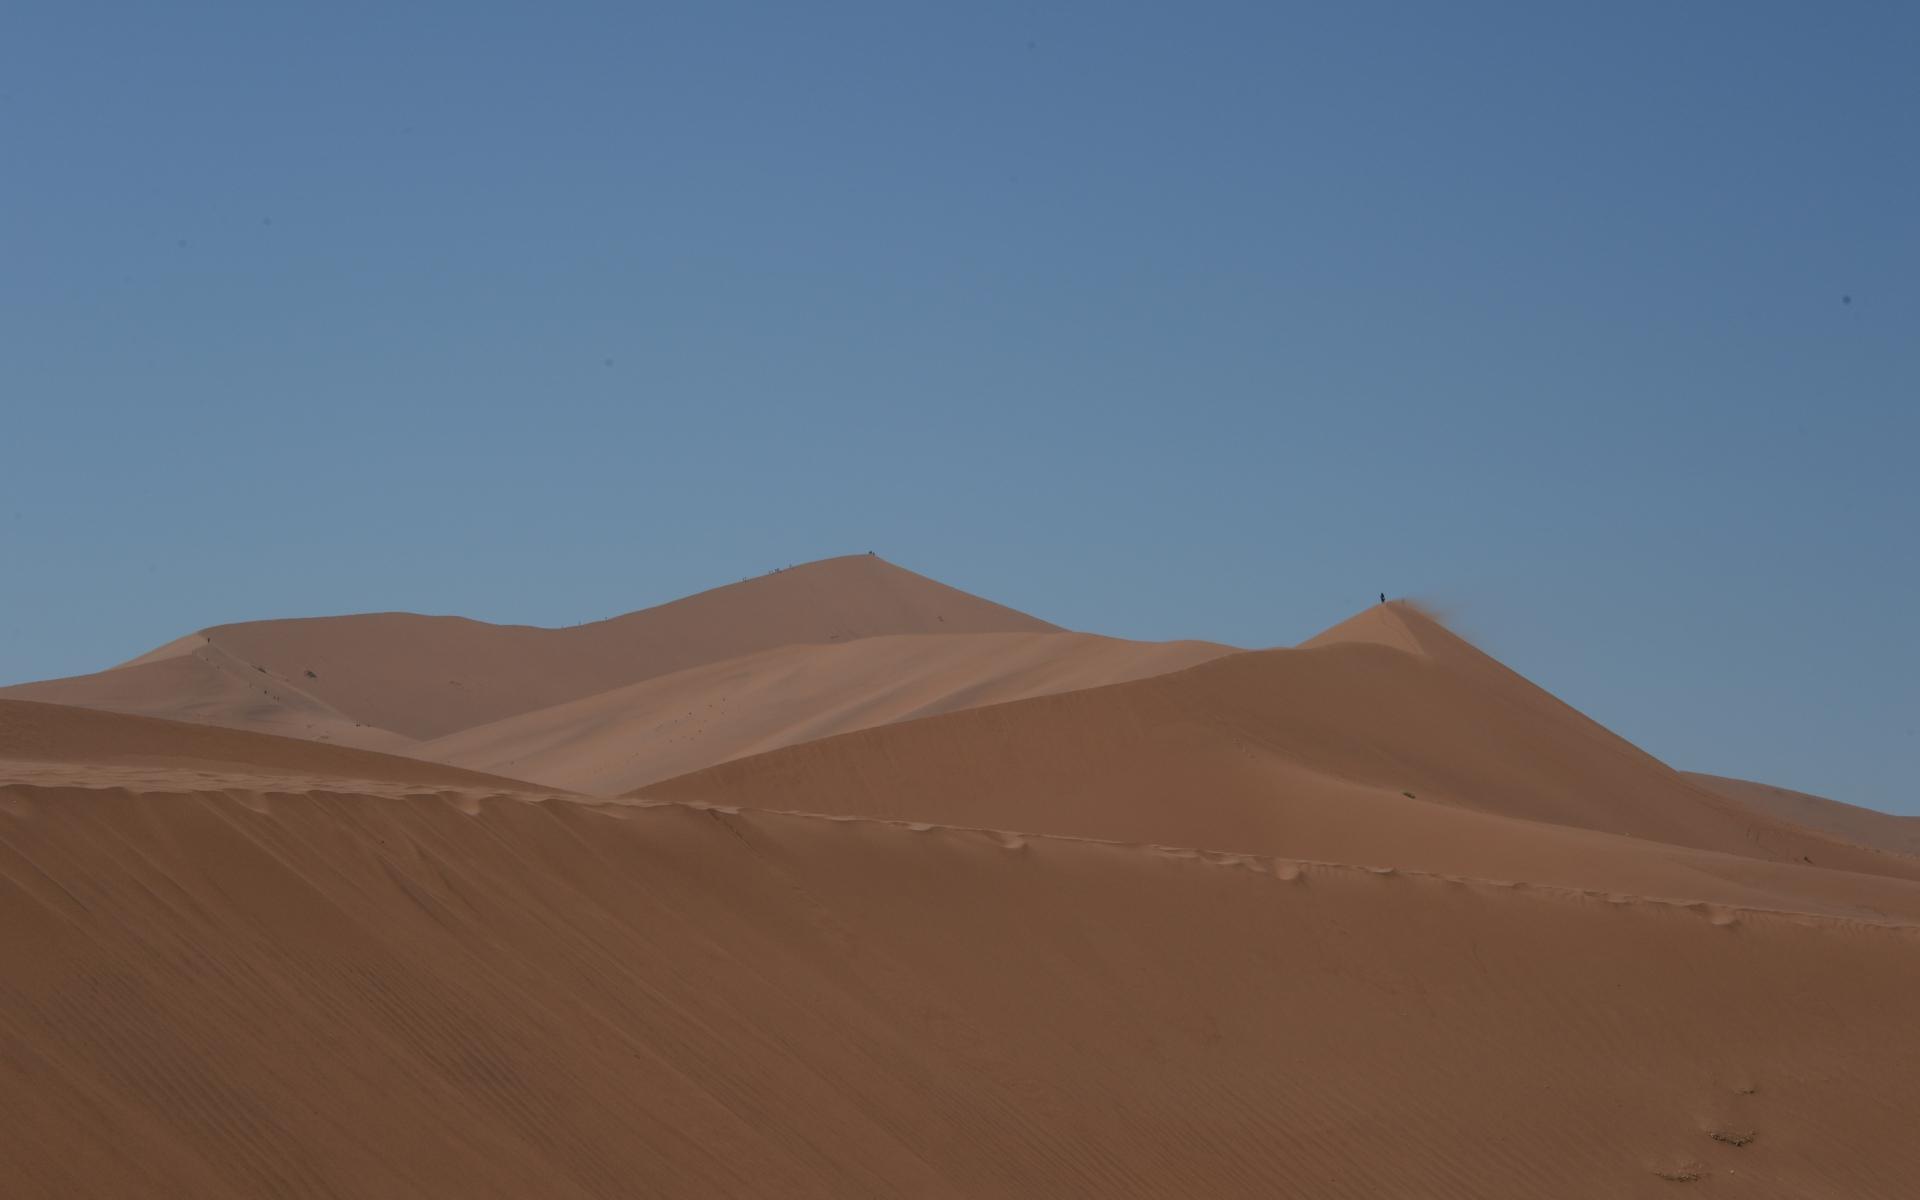 Namibia_Sossusvlei_Deadvlei_17